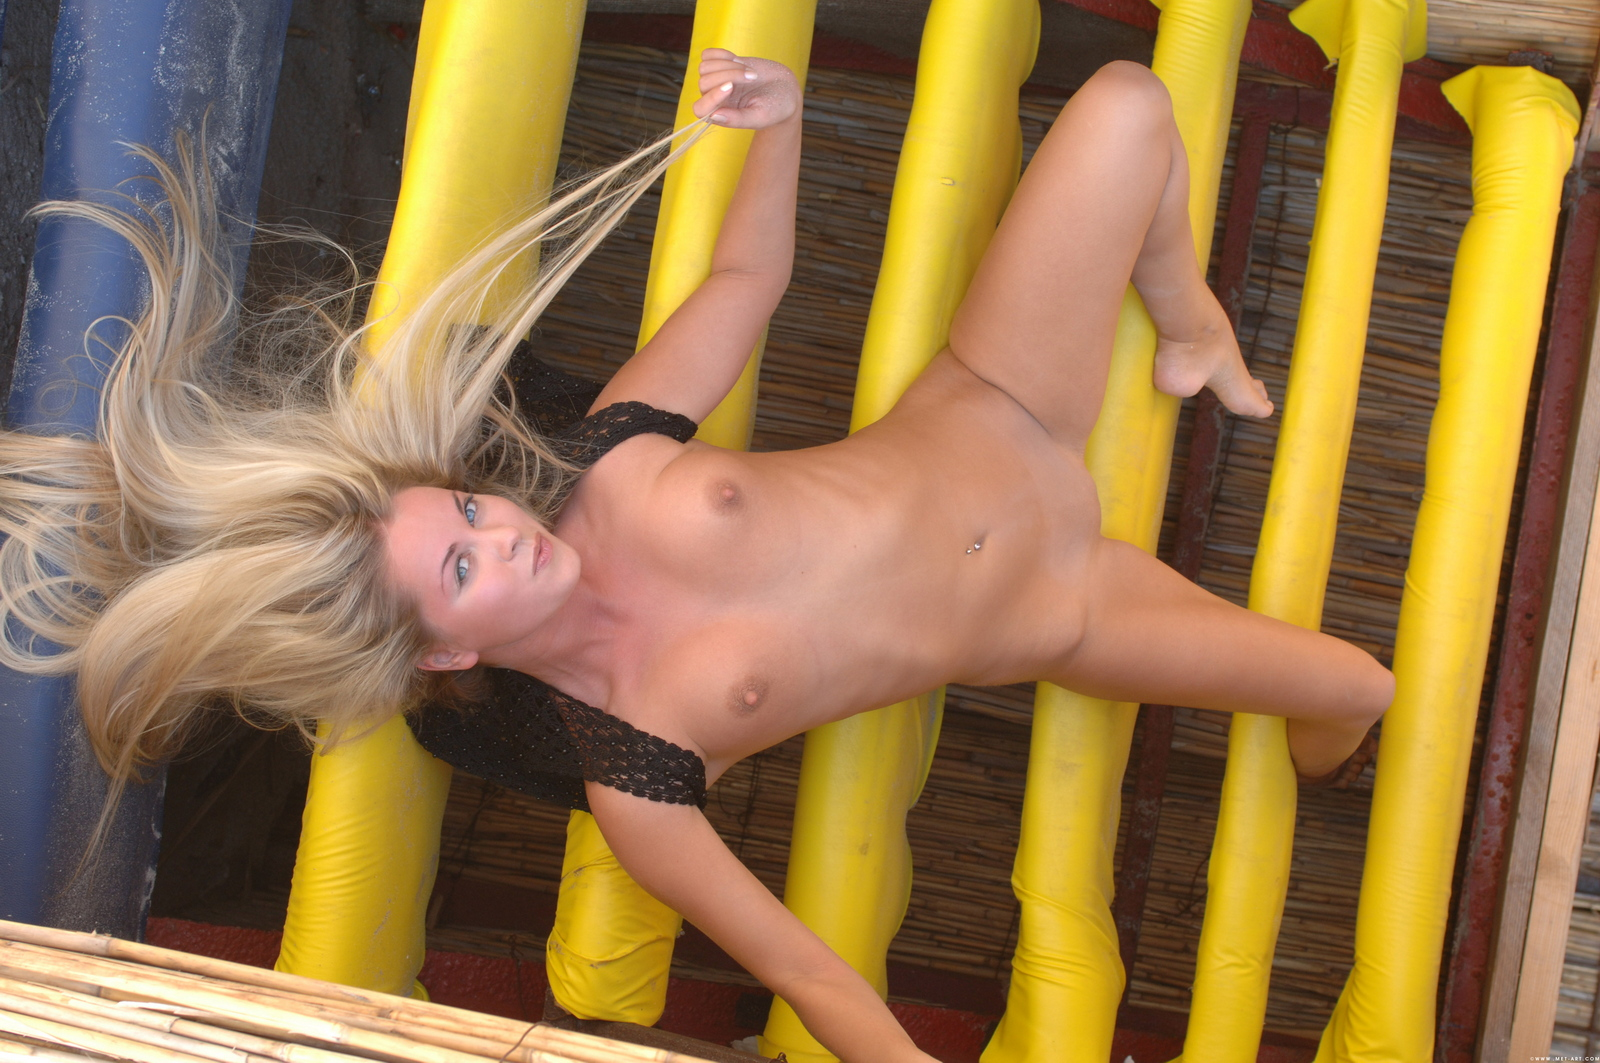 mira-a-beach-bar-blonde-naked-pussy-ass-metart-34